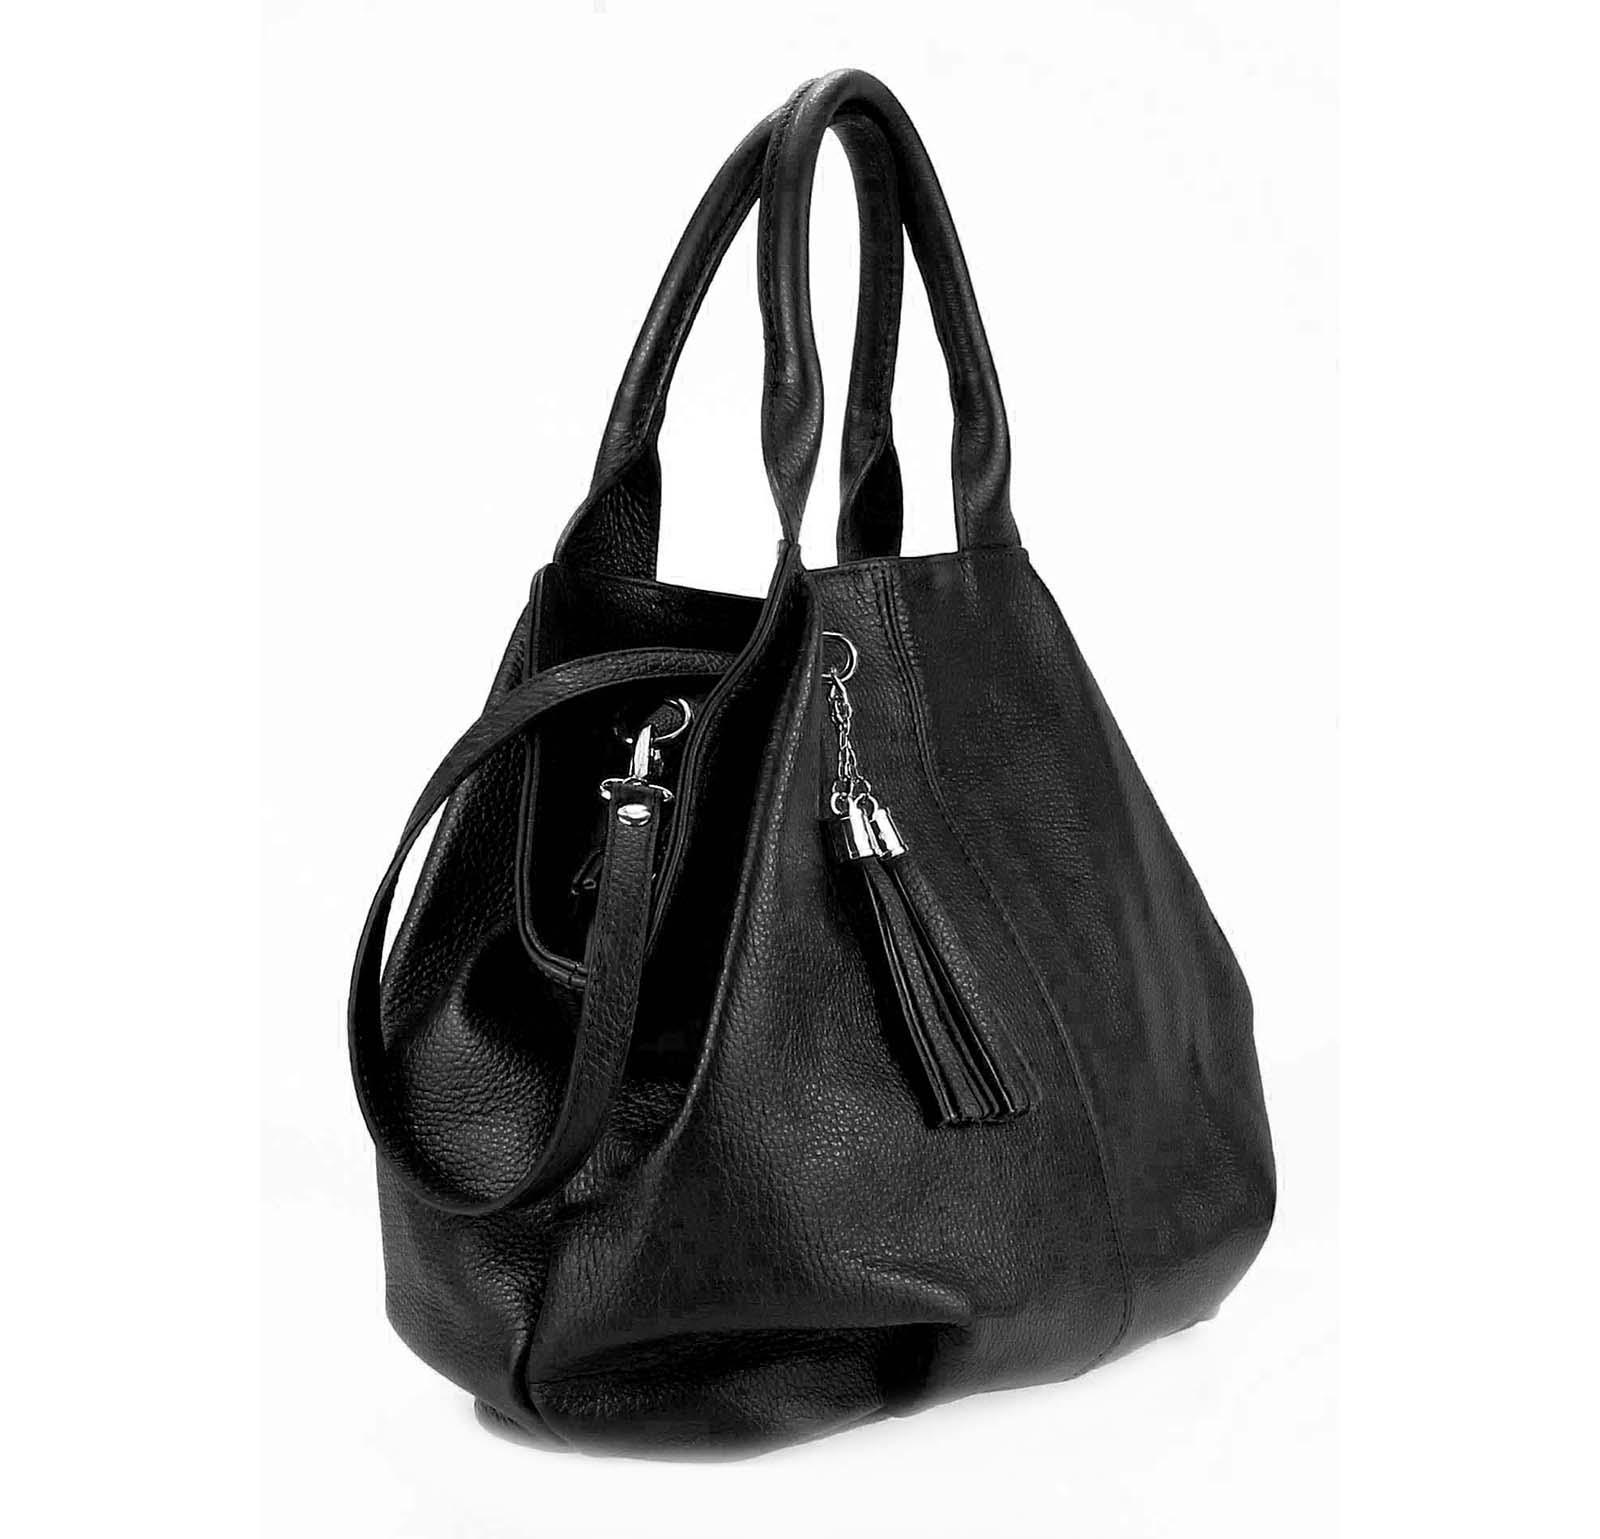 ITALY-LEDER-SHOPPER-Umhaengetasche-Schulter-Hand-Tasche-Damentasche-Ledertasche Indexbild 26